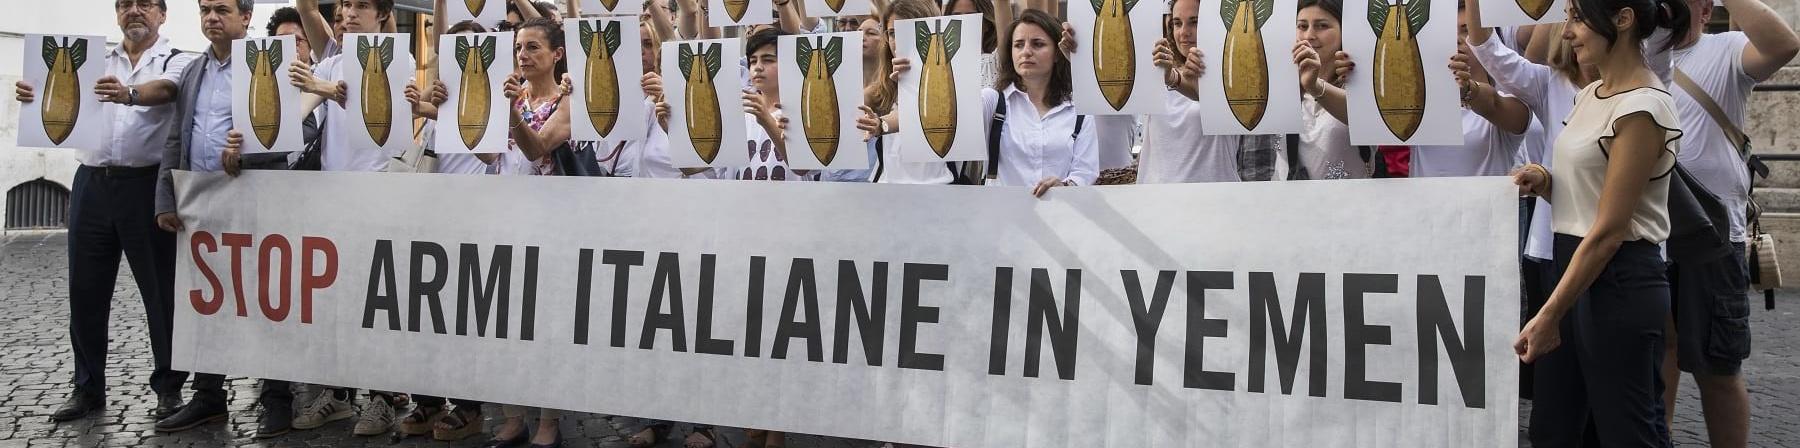 """Gruppo di persone davanti a Monte Citorio tengono uno striscione con la scritta """"Stop armi italiane in Yemen"""""""